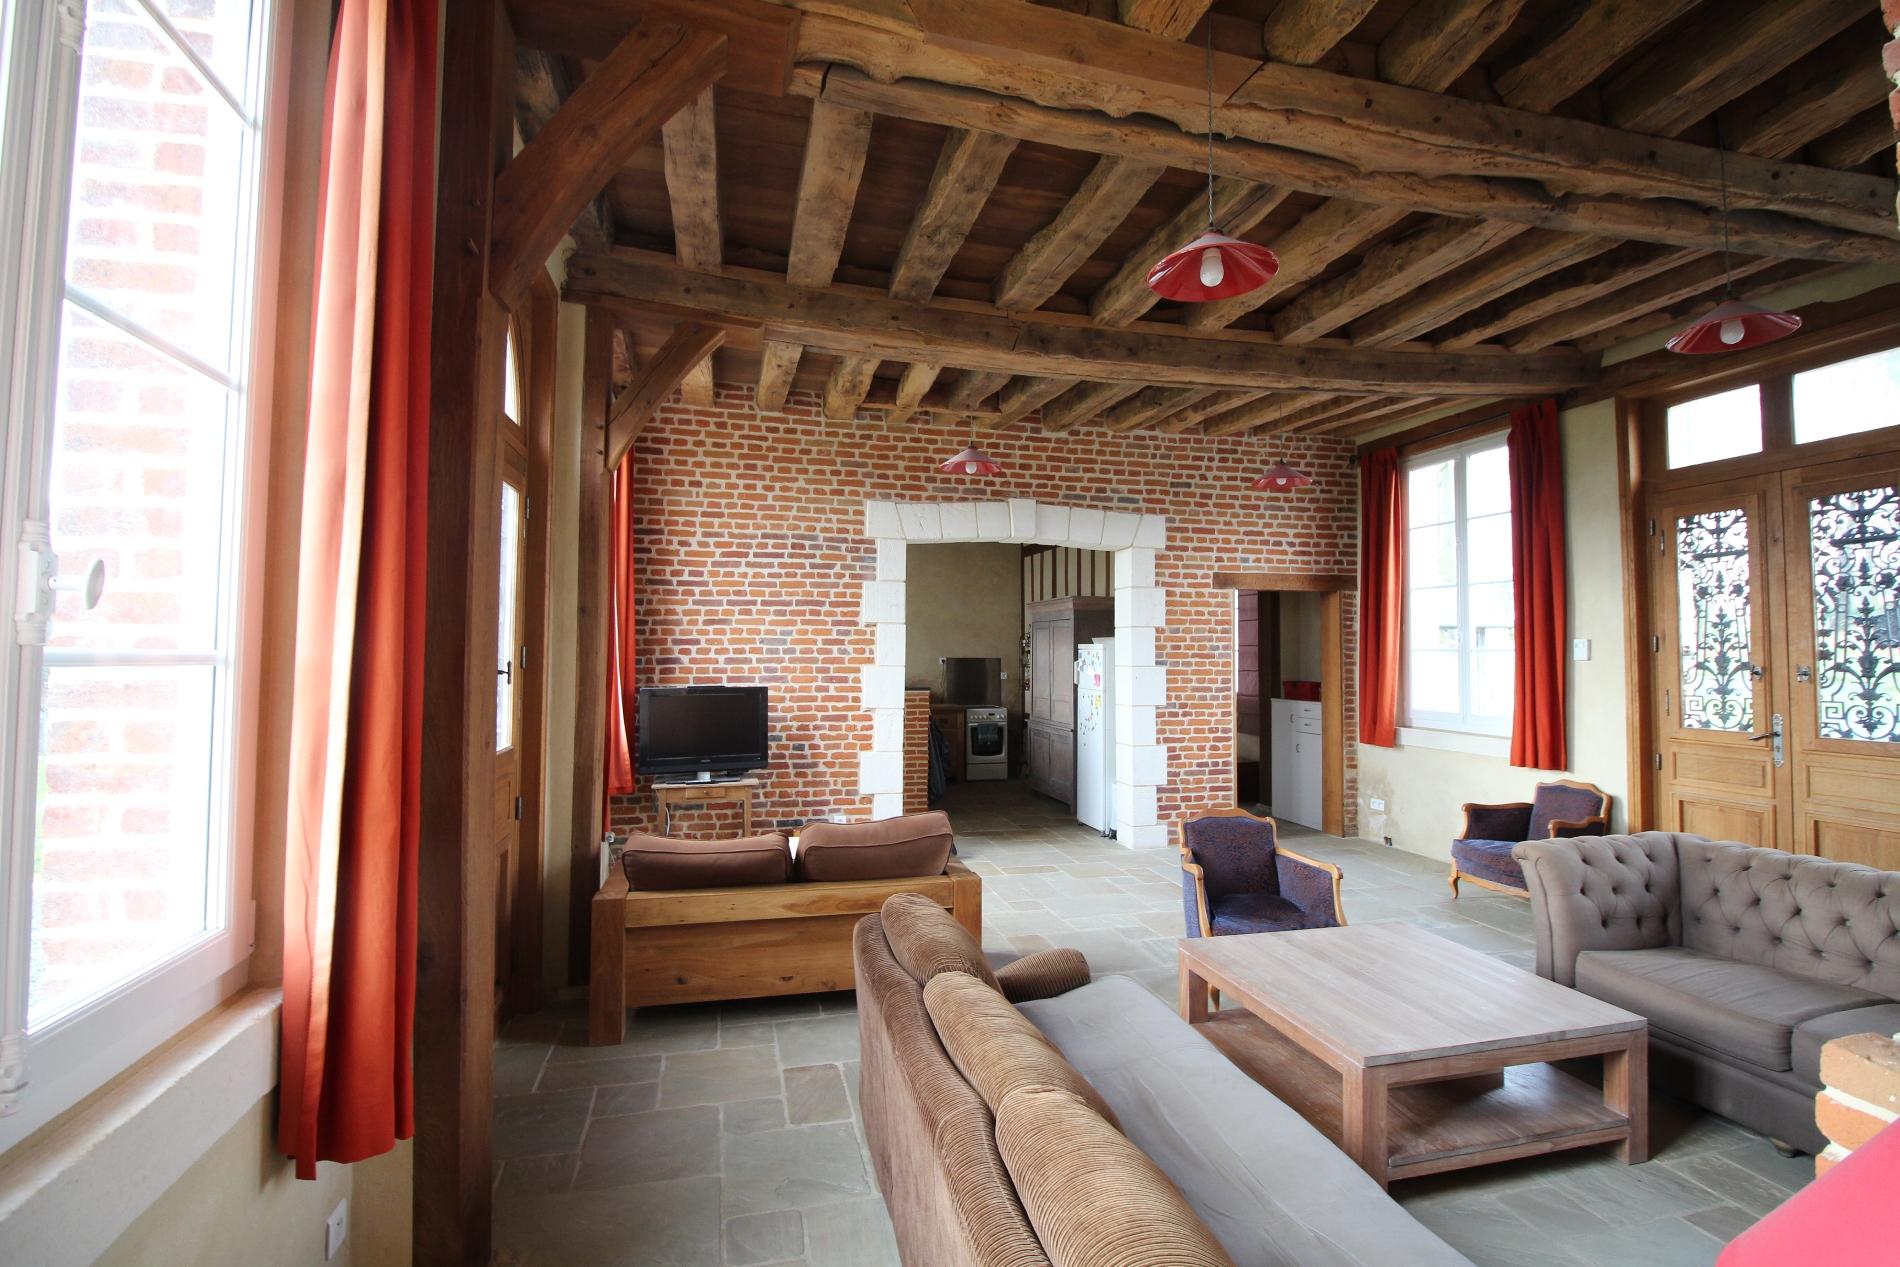 Acheter vente d 39 une maison ancienne en briques et pierres for Acheter des maison